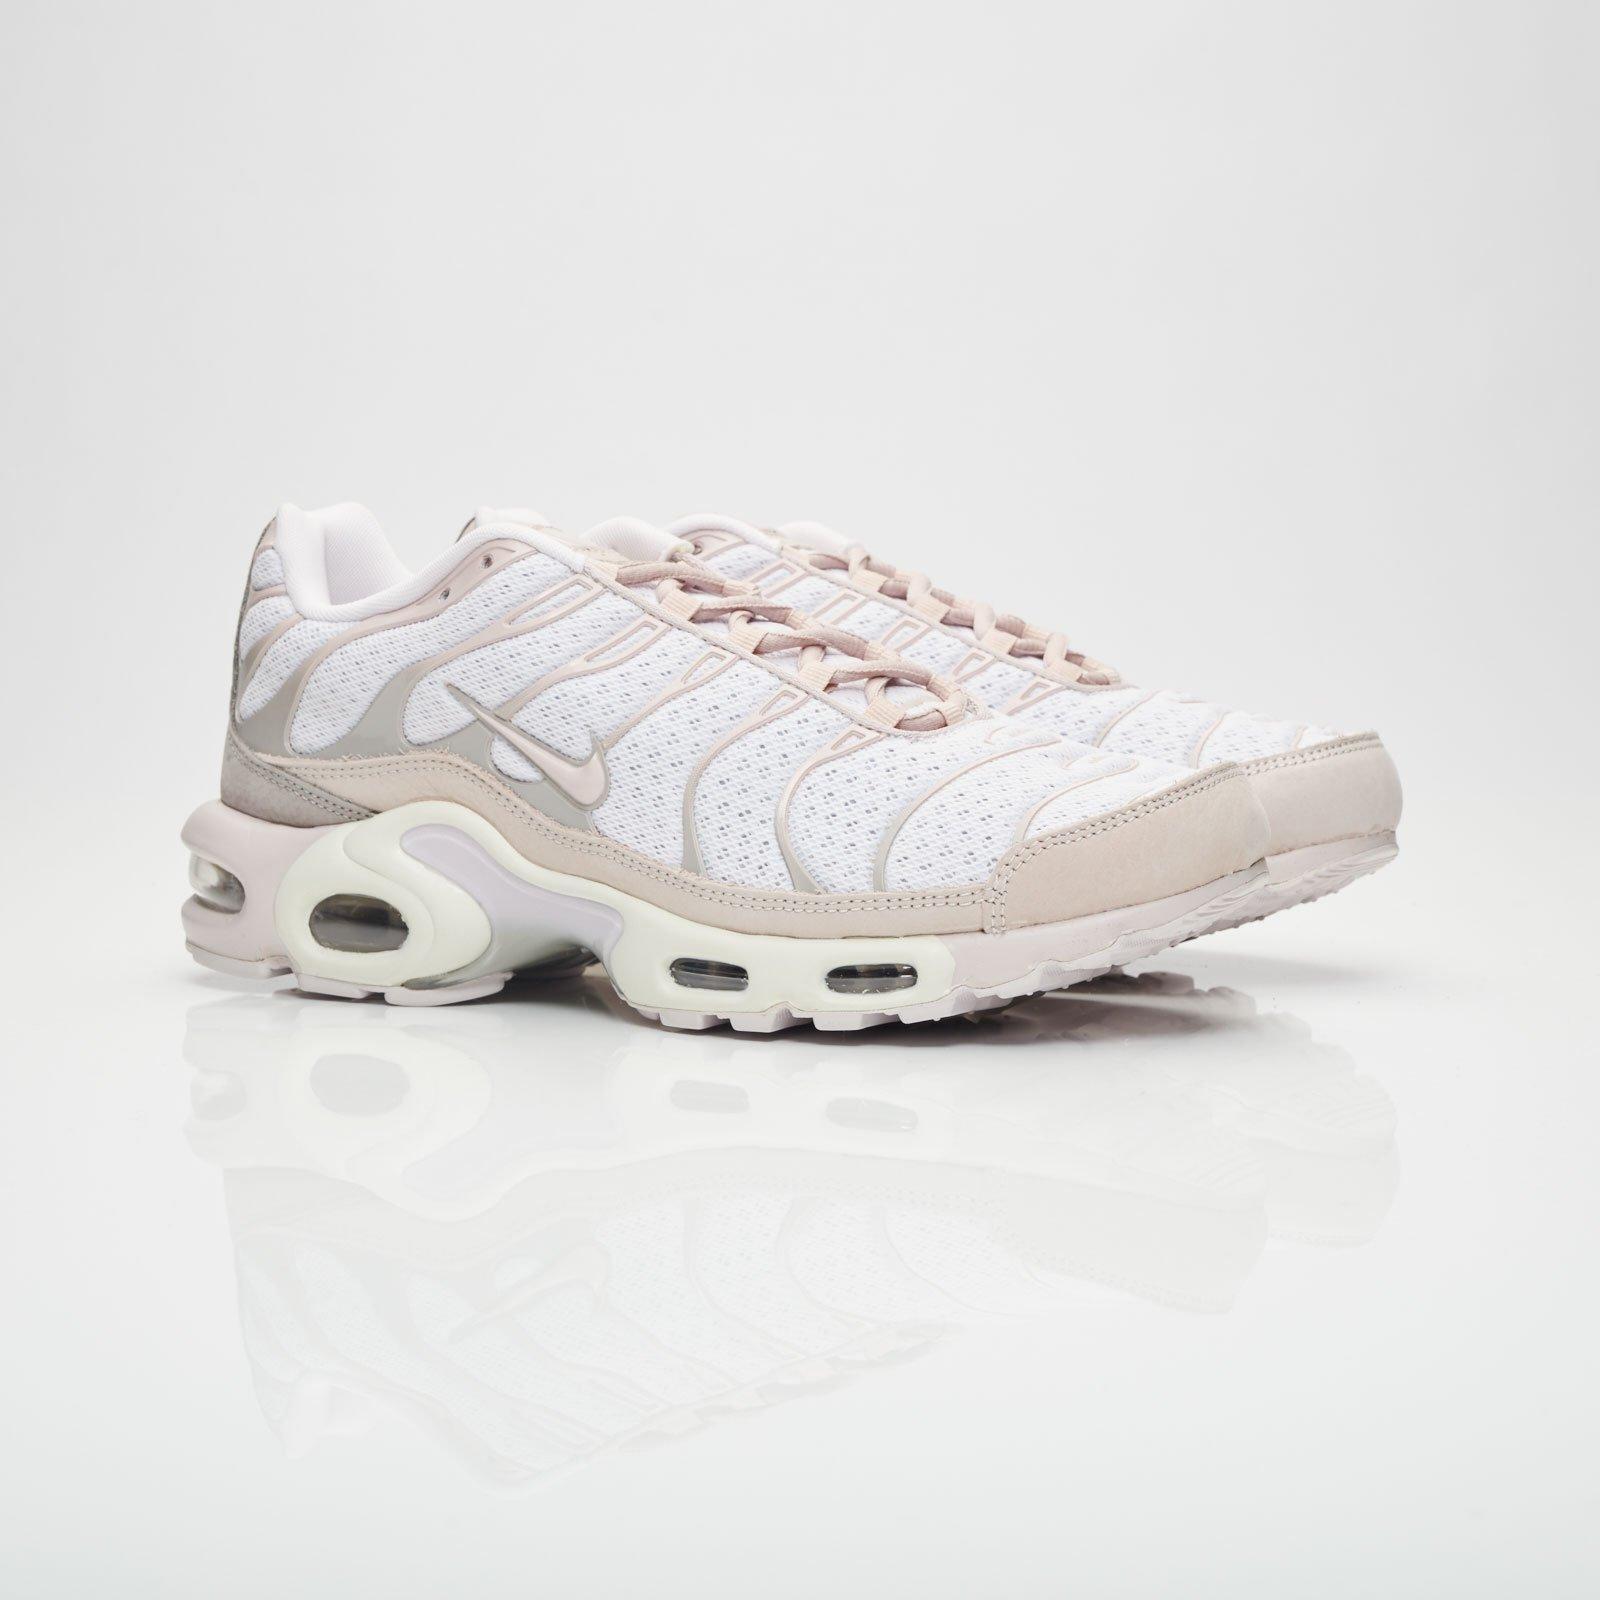 newest 64175 13714 Nike Air Max Plus - 898018-600 - Sneakersnstuff | sneakers ...